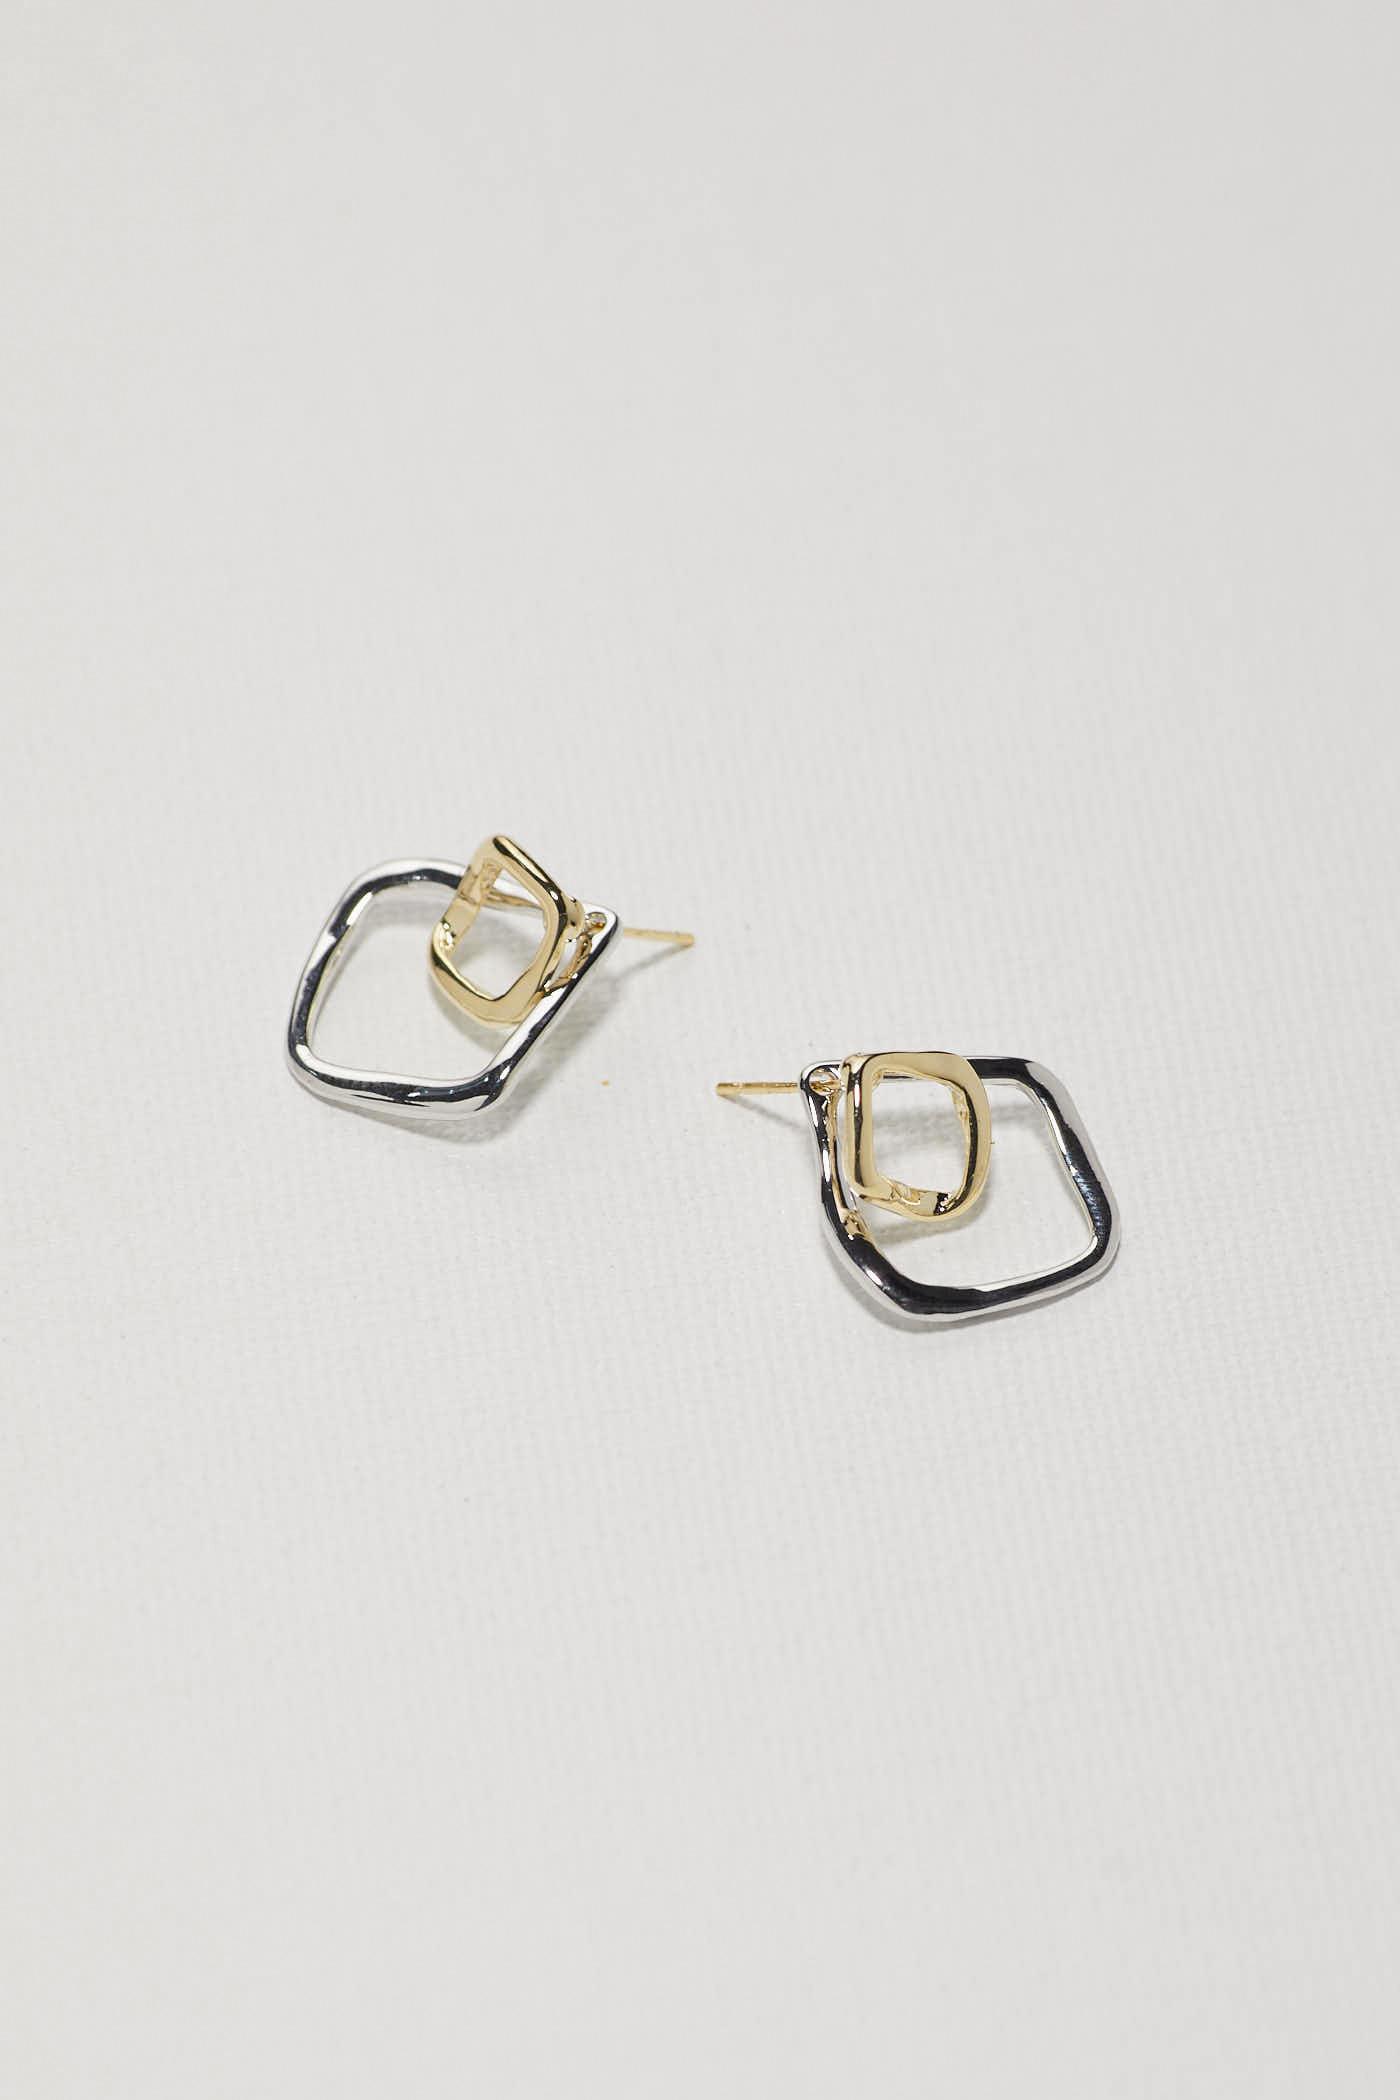 Elston Earrings